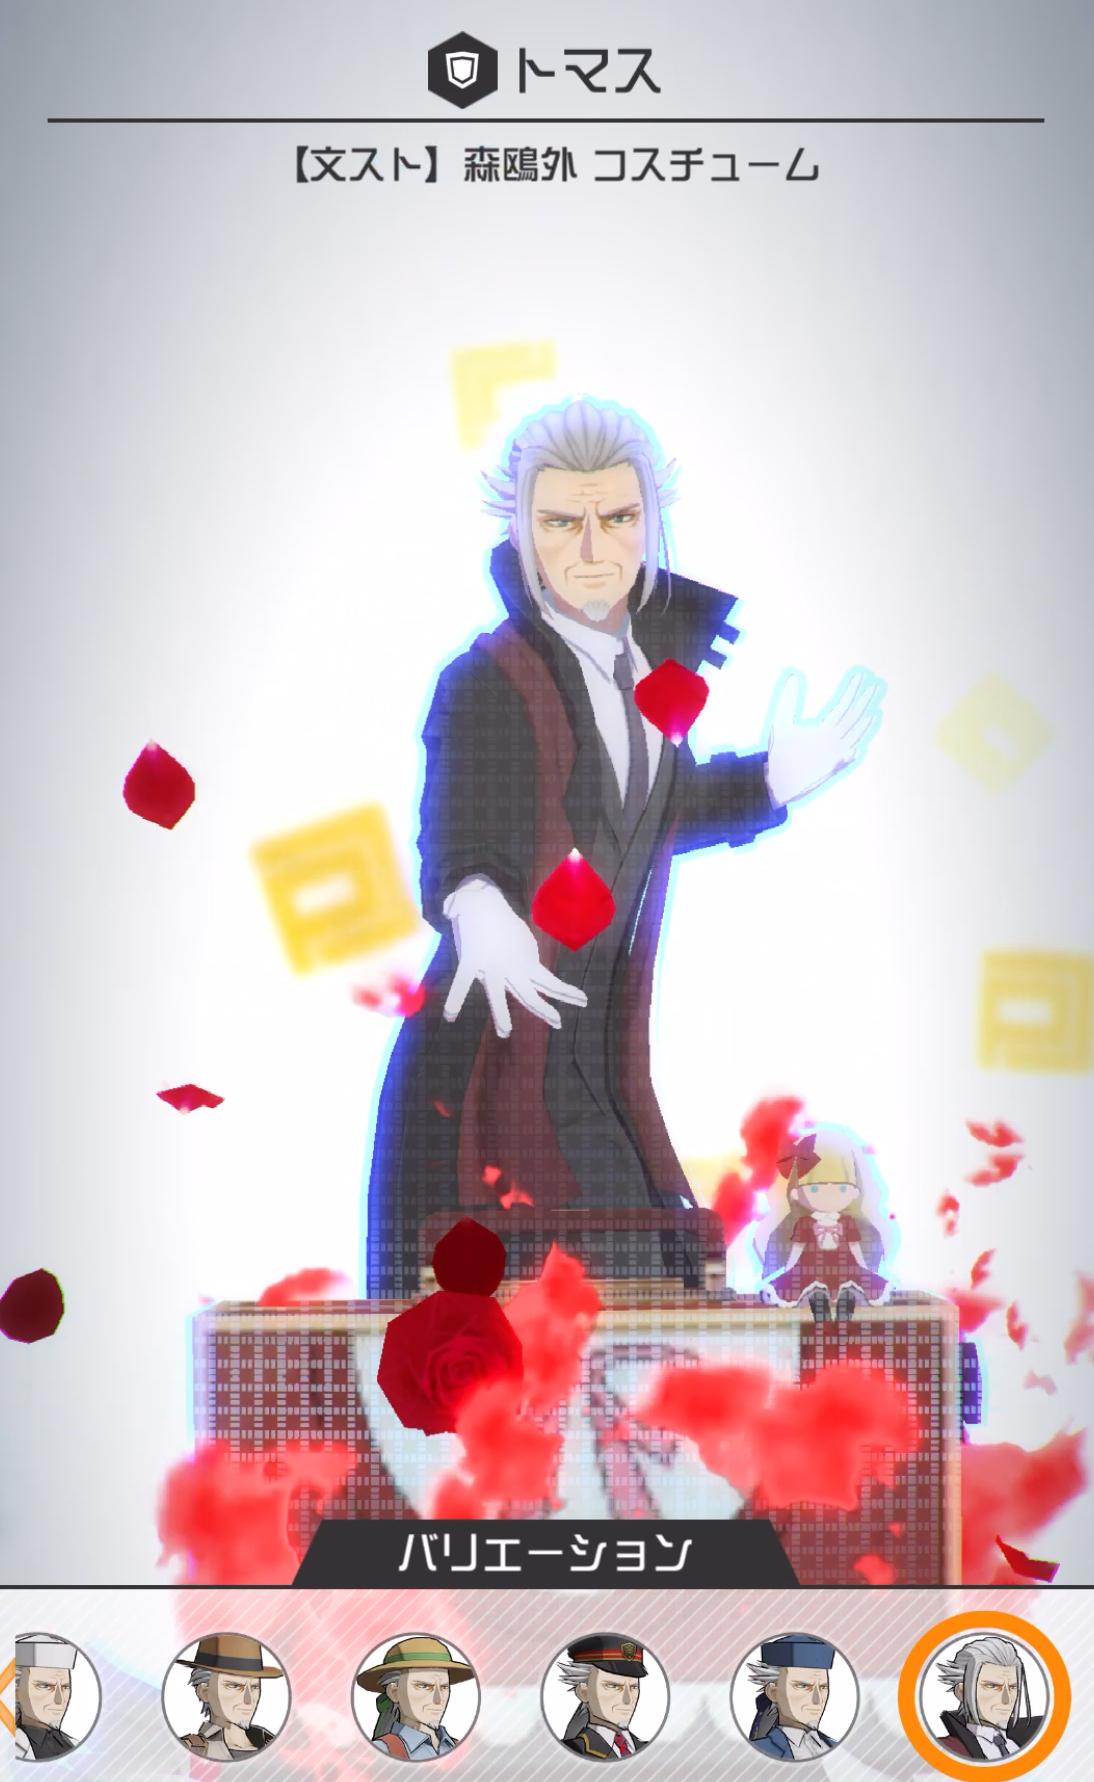 #コンパス【カード】: 『文スト』コラボカード&コスチューム徹底紹介!フルークのような【周】カードが初登場!!